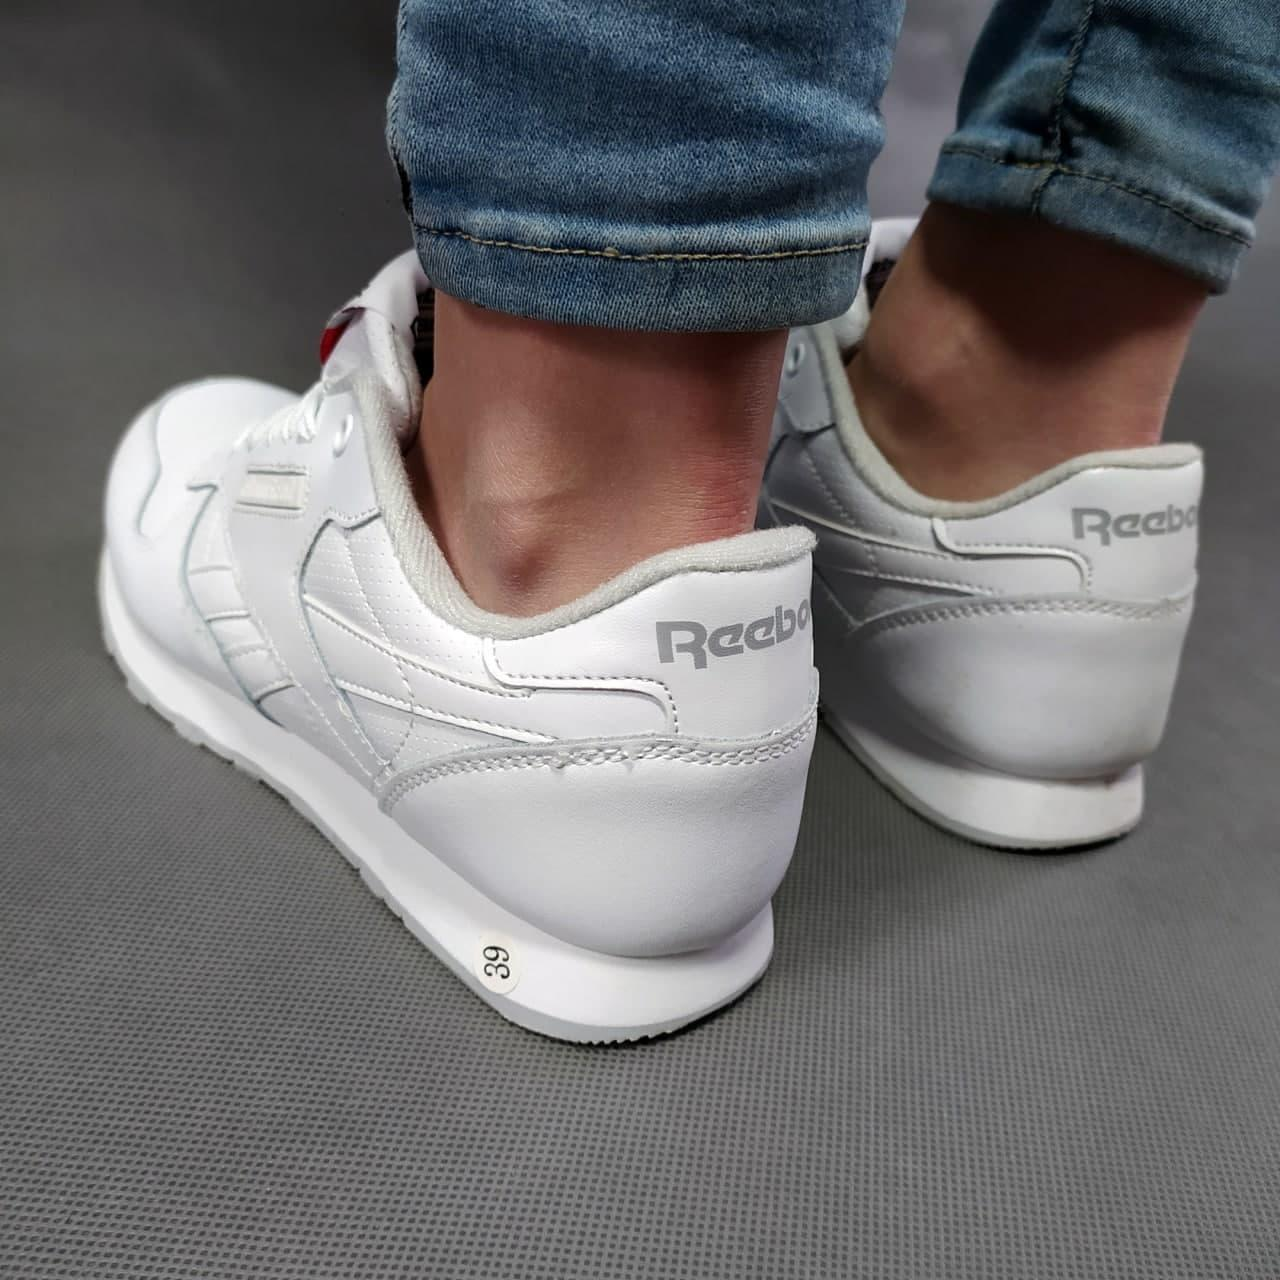 Жіночі кросівки Reebok білі